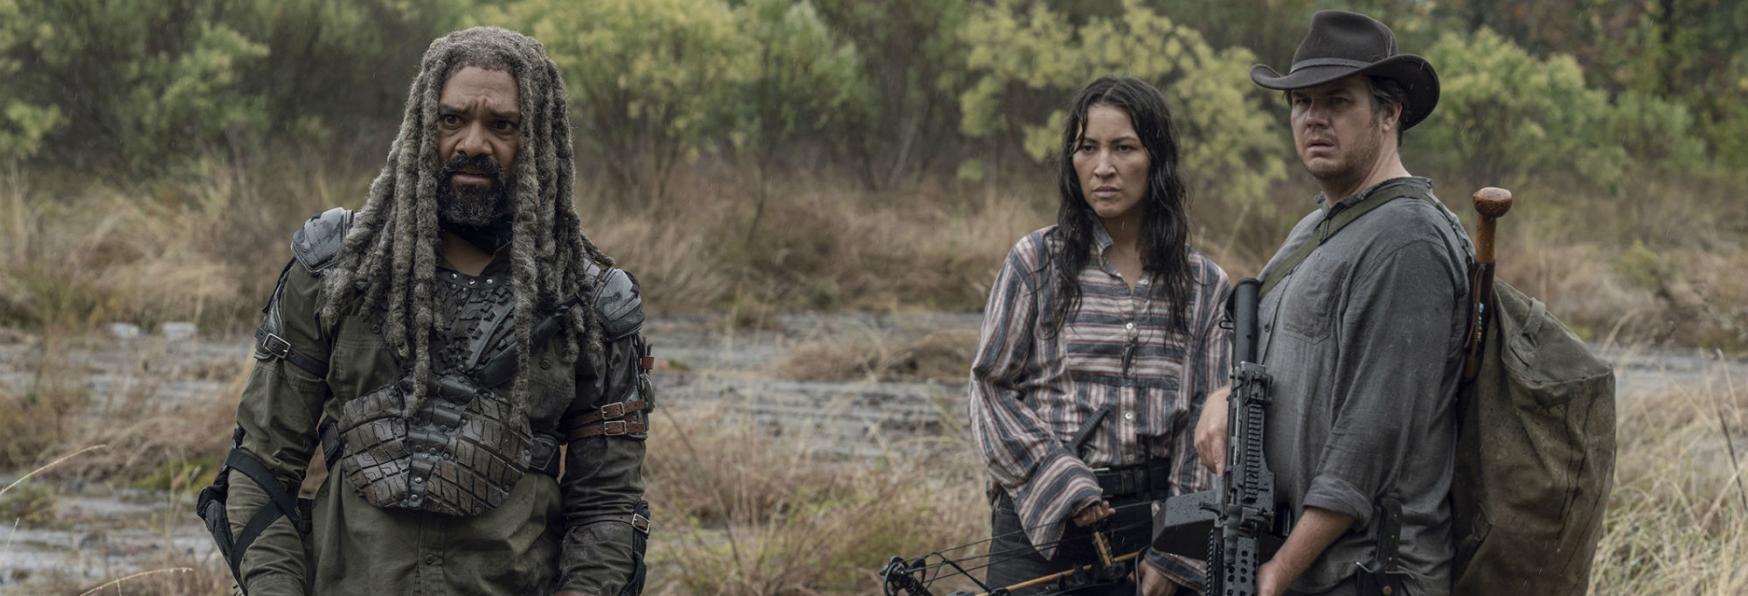 The Walking Dead 10: Il Trailer del Finale di Stagione Rivela i nuovi Personaggi che vedremo in Futuro